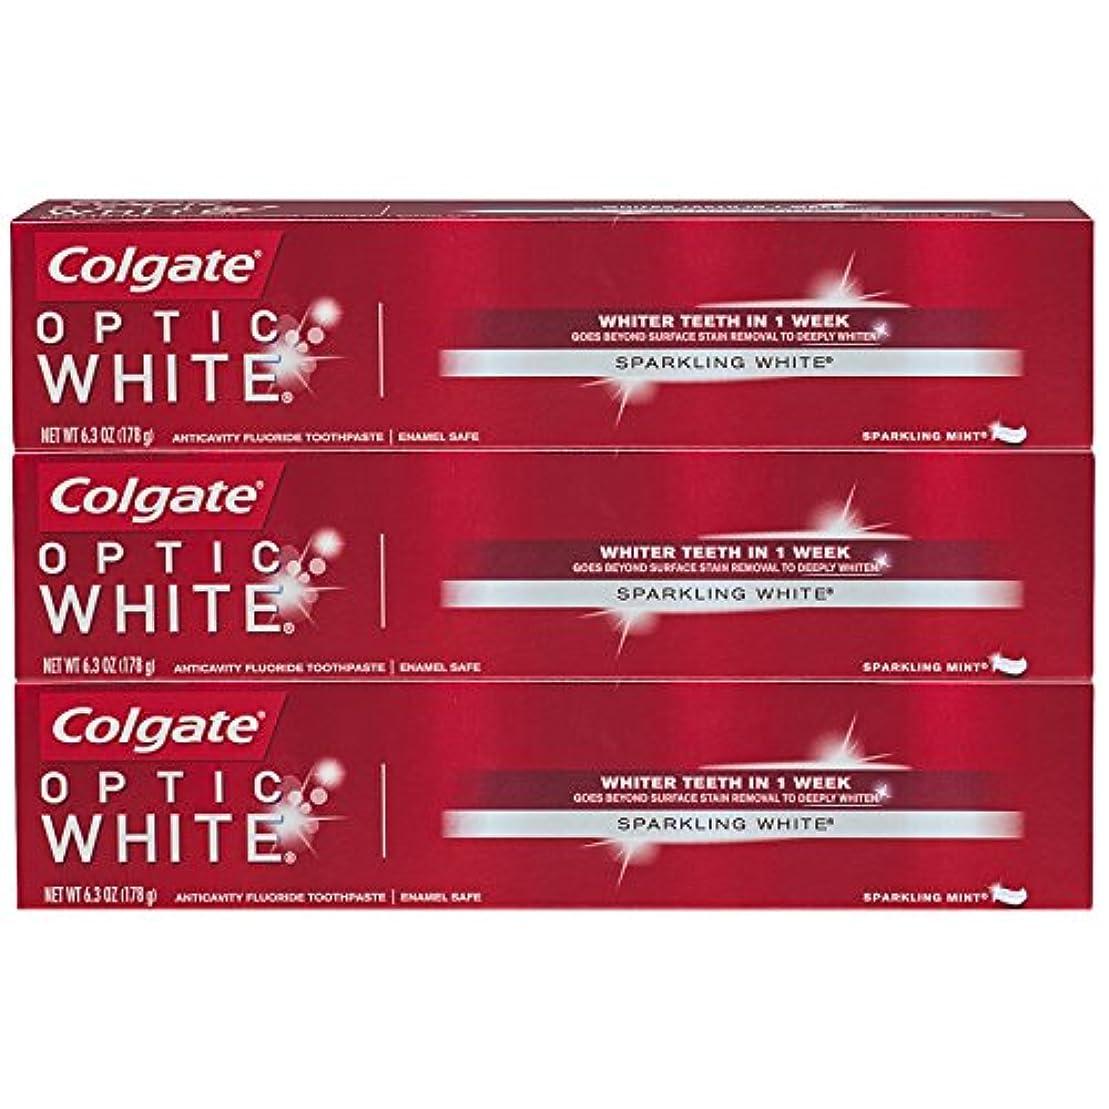 悩むチョコレート不注意コルゲート オプティック・ホワイト スパークリングミント 6.3oz (178g) 3個セット